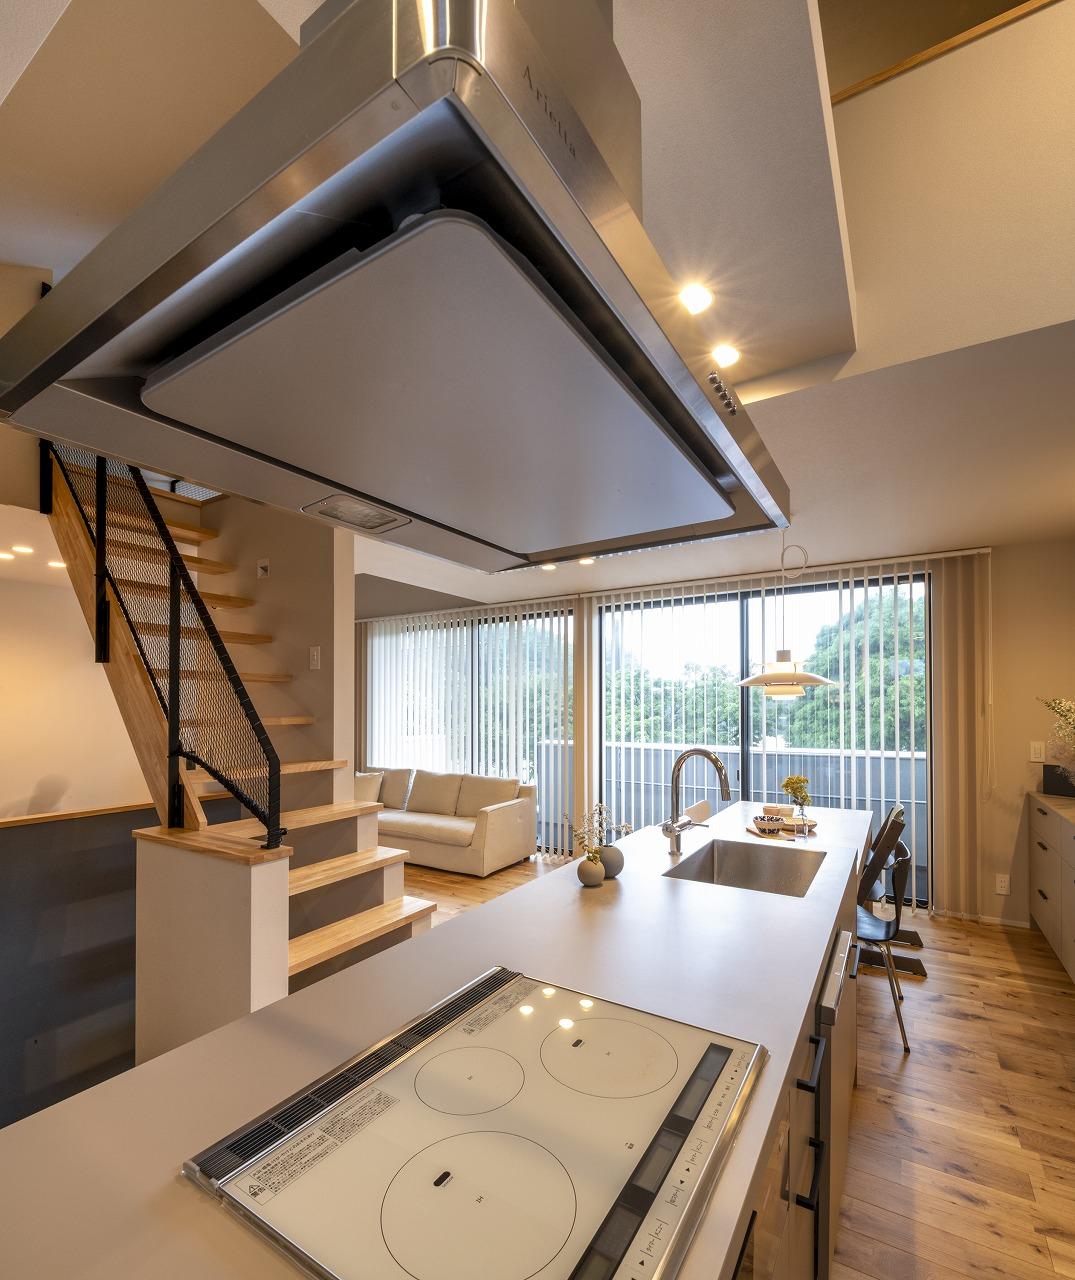 キッチンから家族を見守る「2階リビング」の家